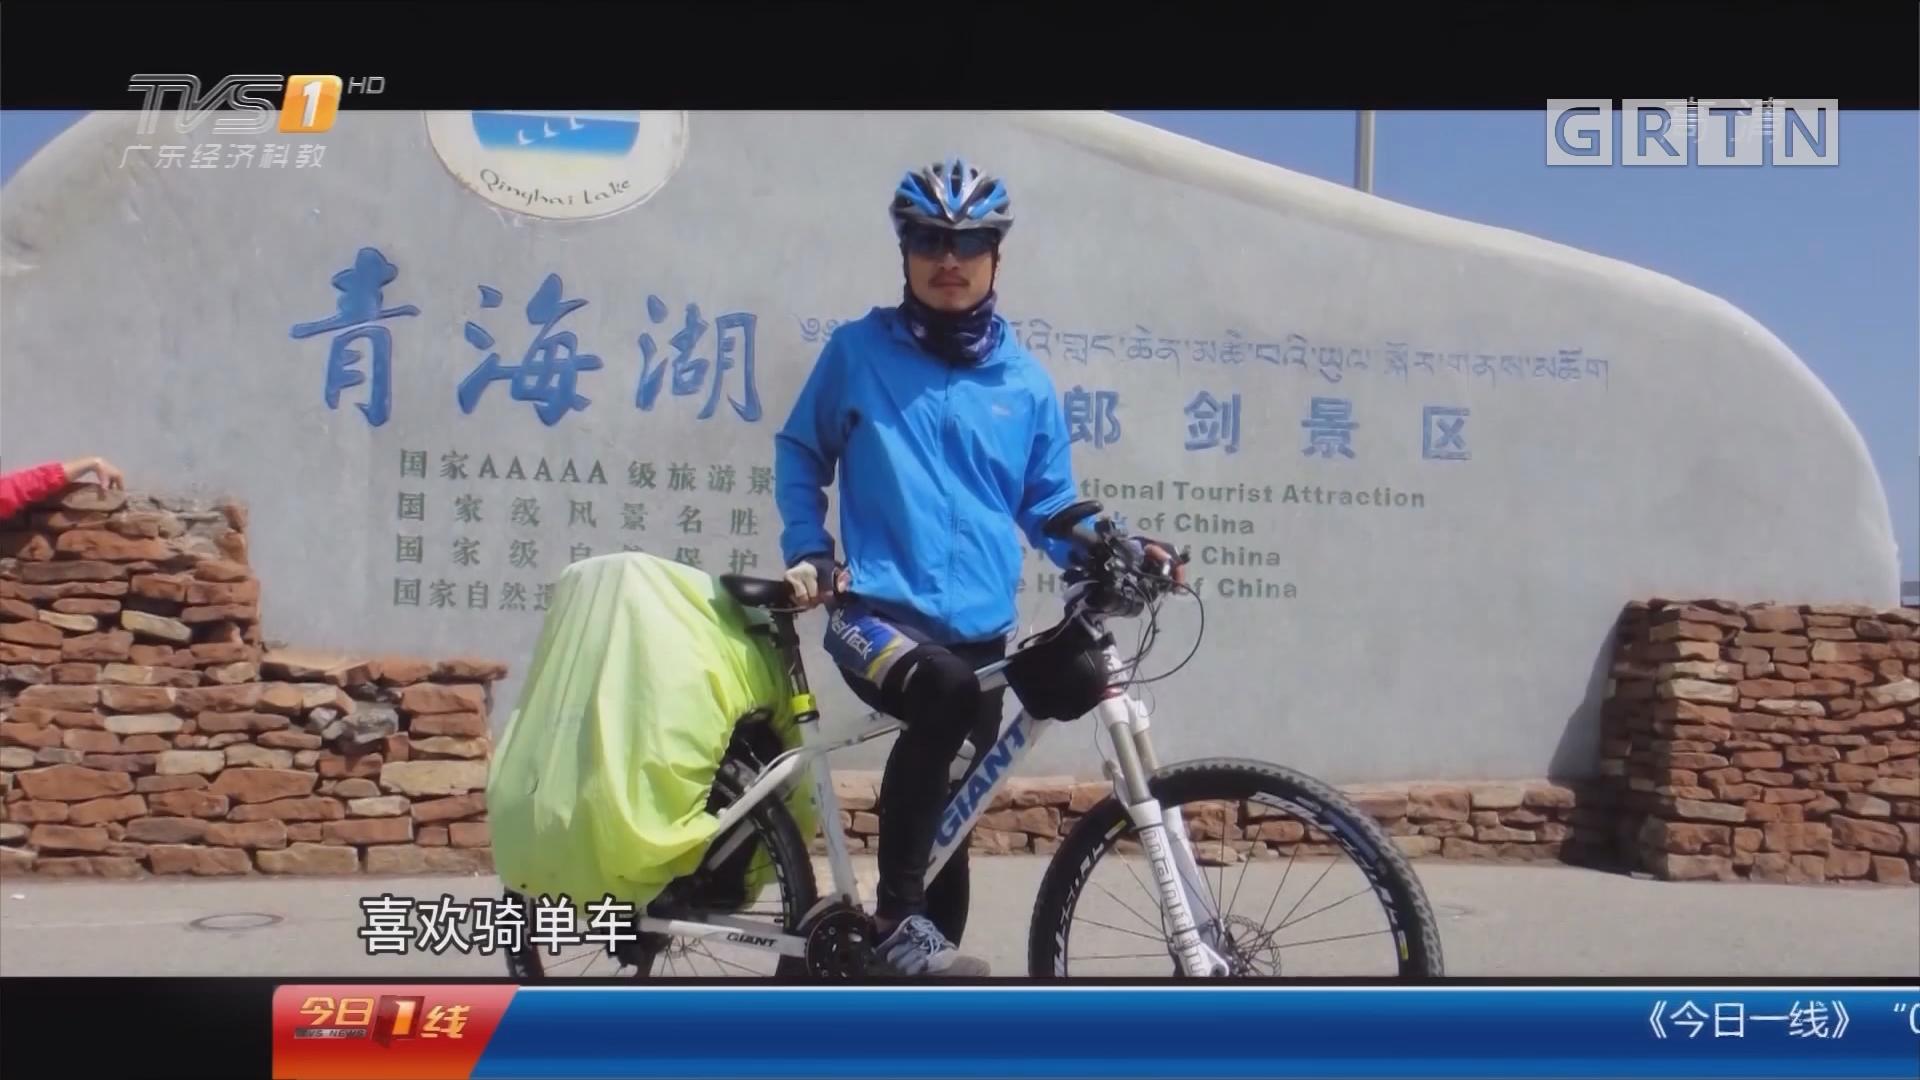 汕头:怀音乐公益梦 骑车带吉他环游中国